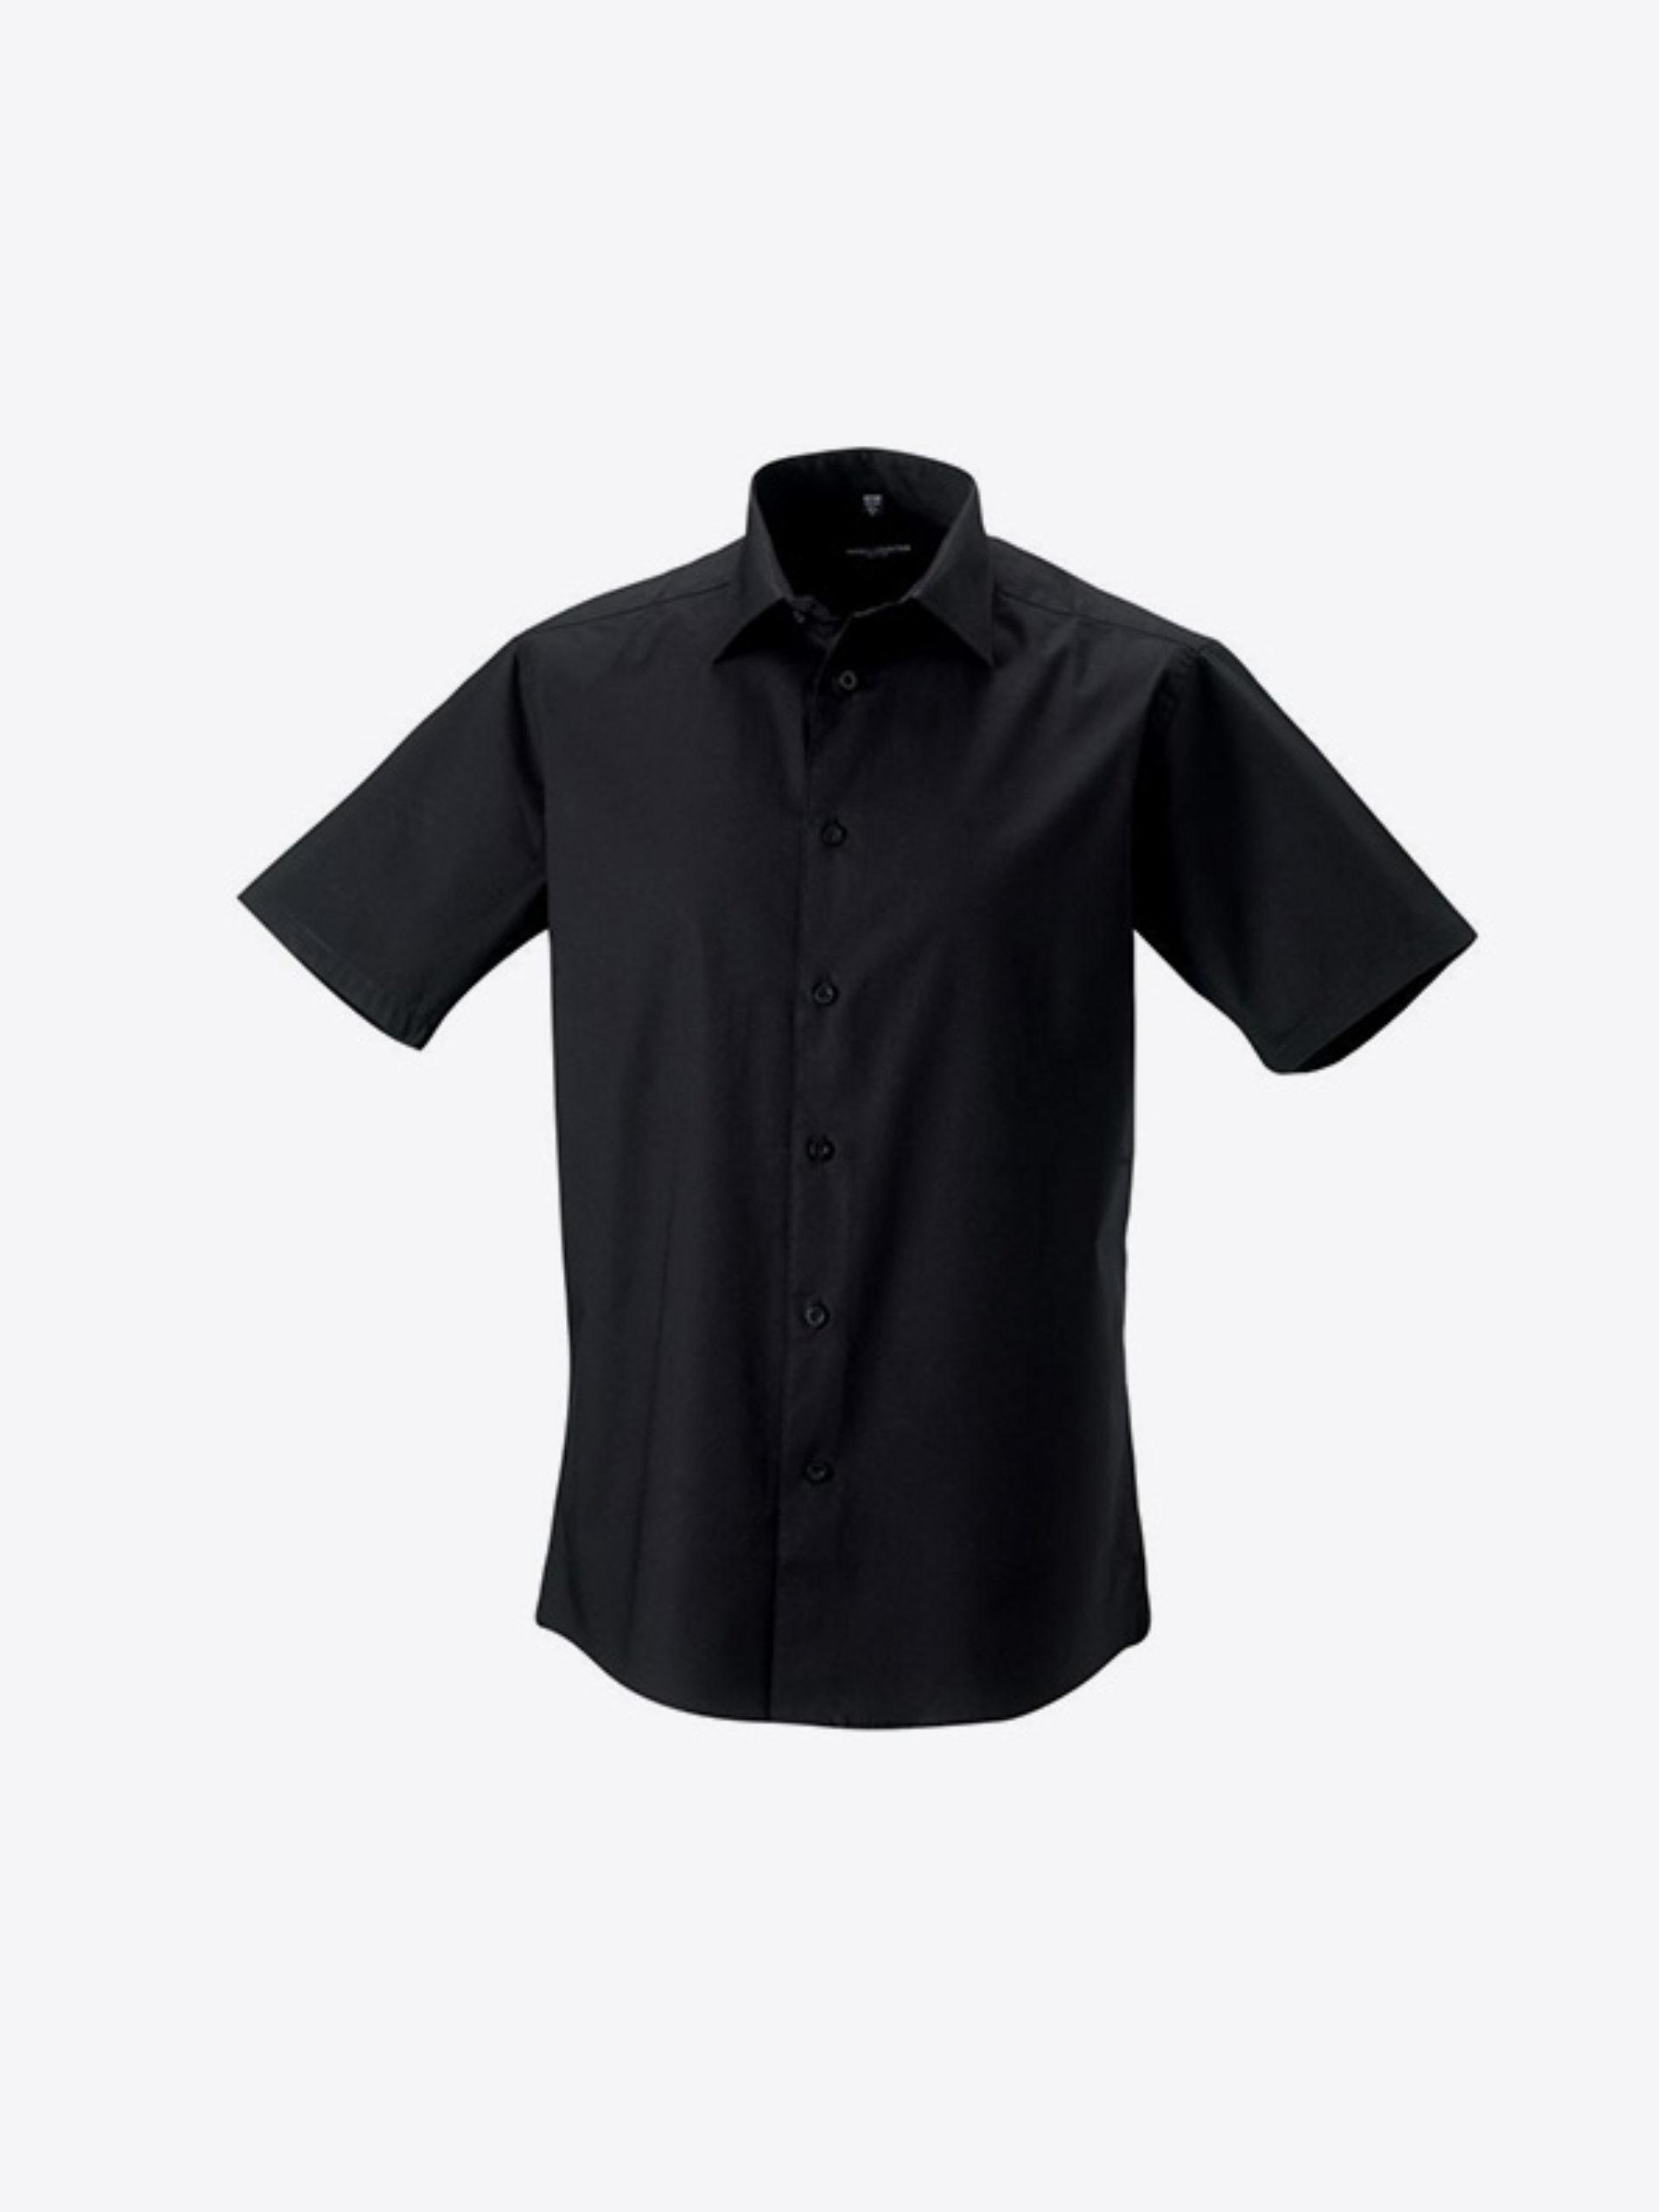 Hemd Kurzarm Fuer Herren Mit Logo Drucken Russell 947m Farbe Black